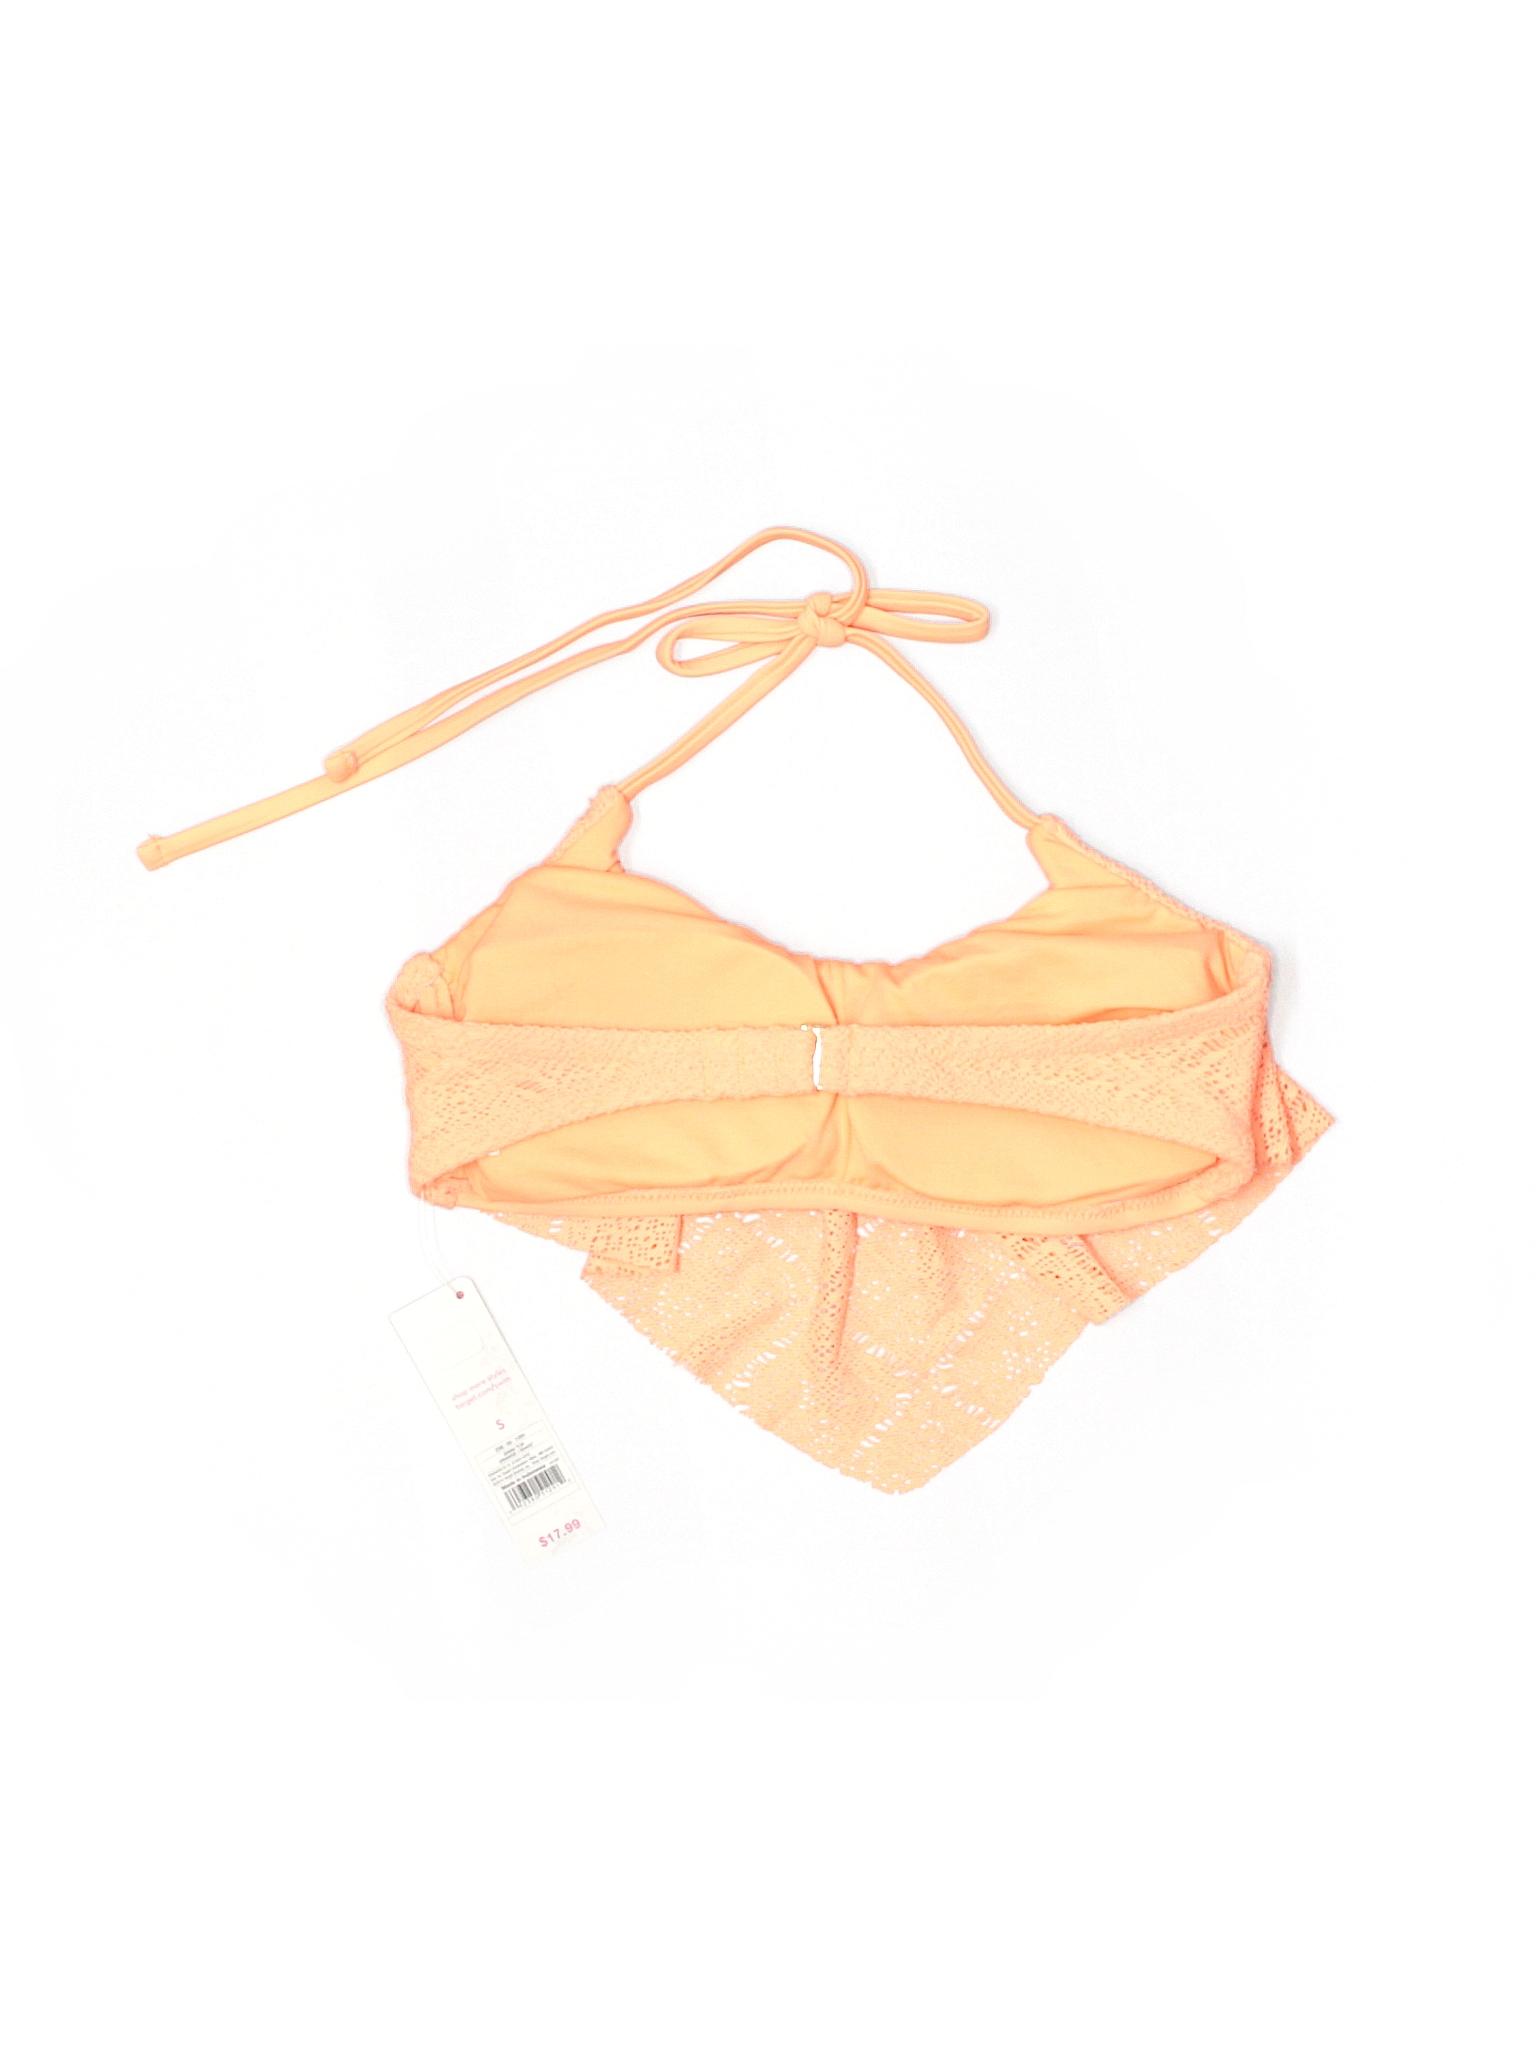 Boutique Swimsuit Top Swimsuit Xhilaration Swimsuit Top Top Xhilaration Boutique Xhilaration Boutique Boutique 40AfvqTx